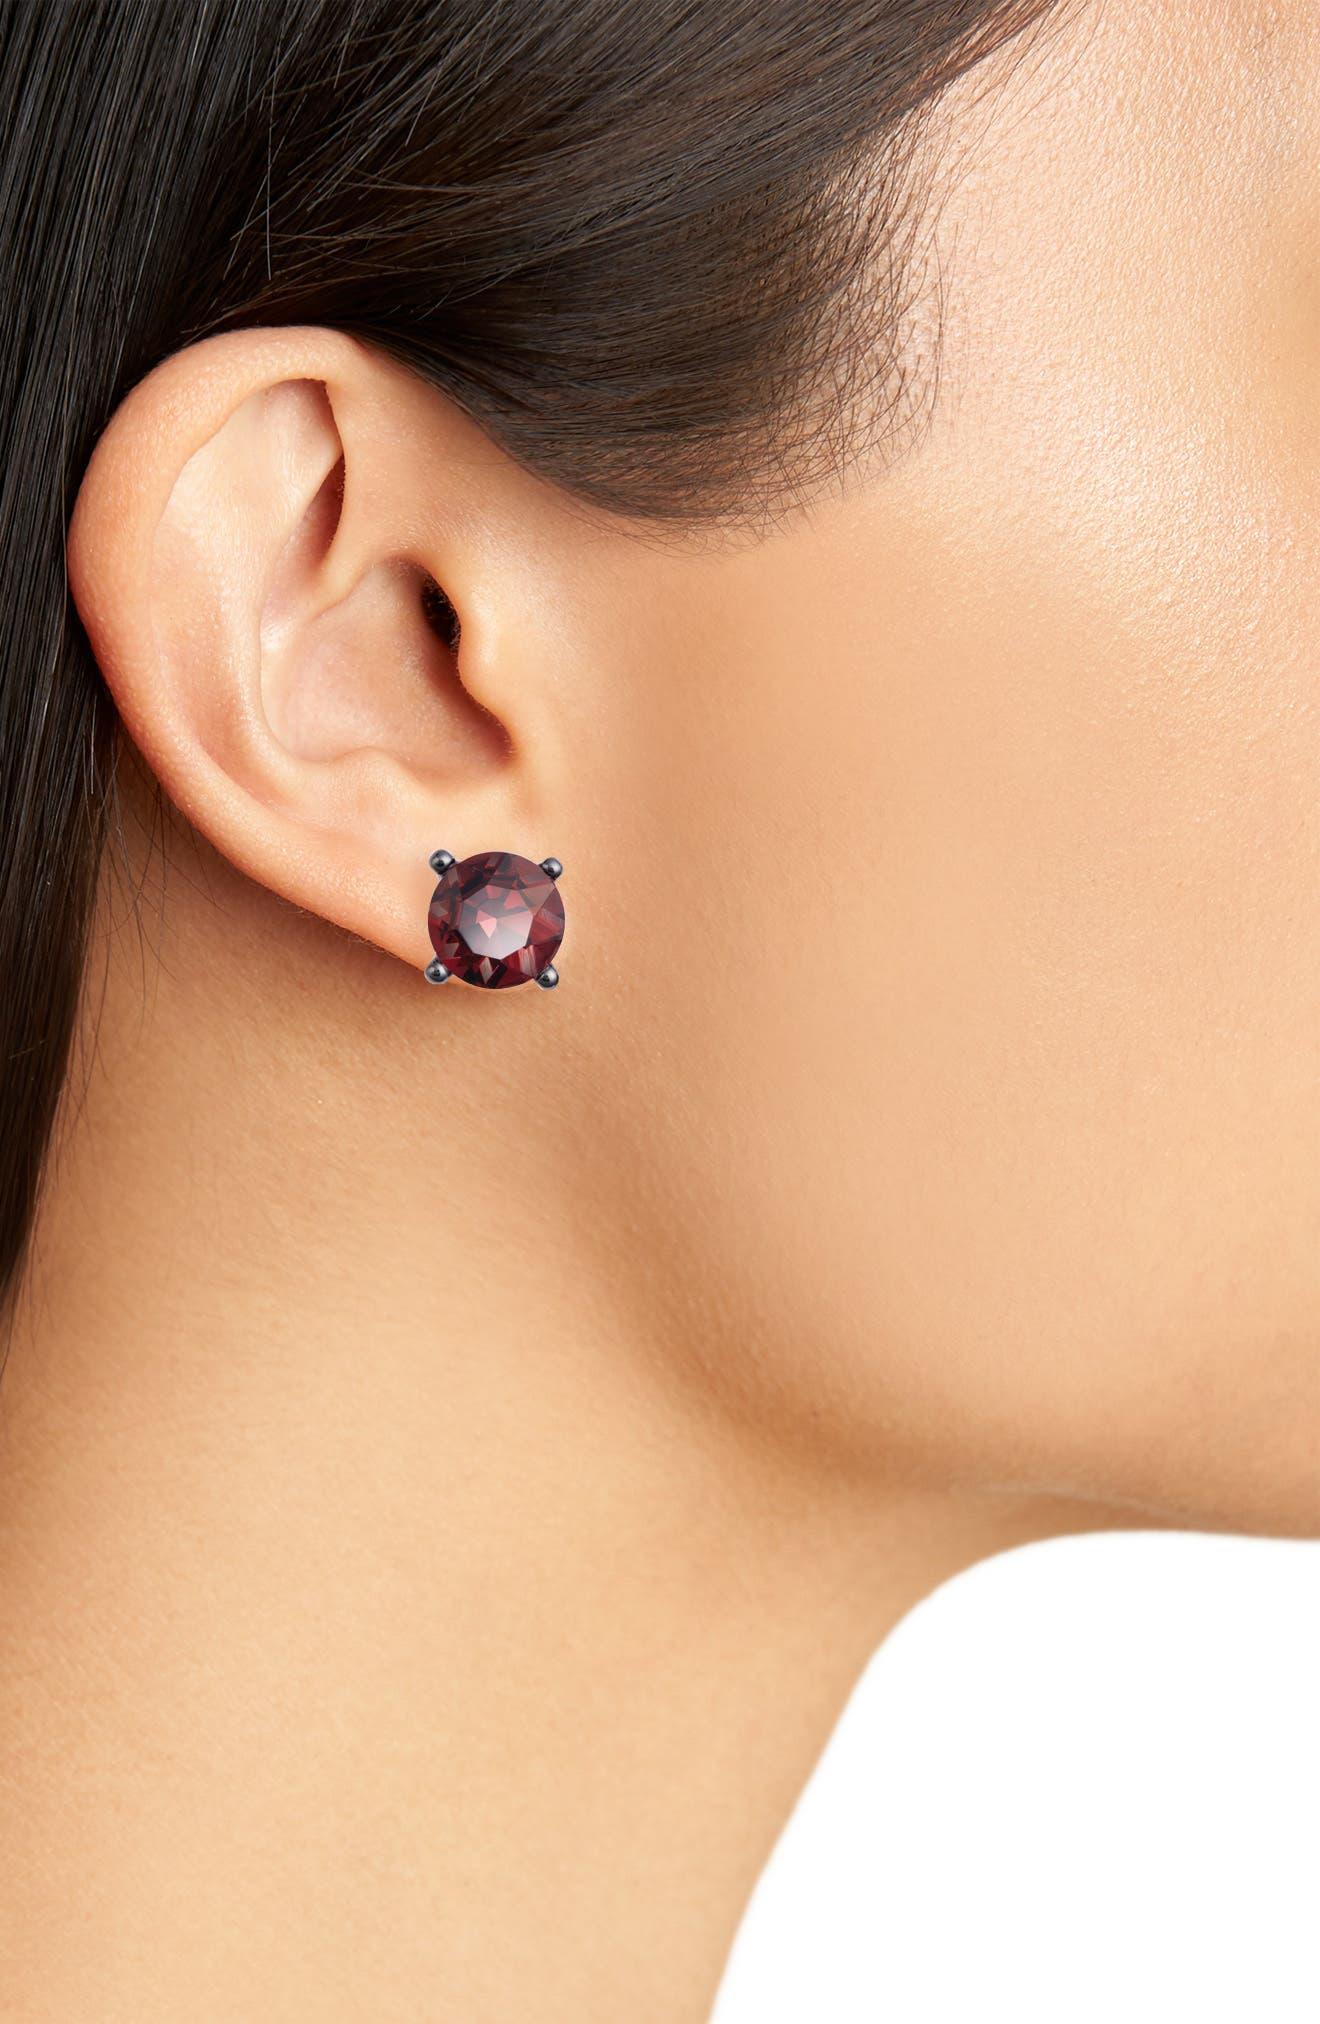 Jewel Stud Earrings,                             Alternate thumbnail 2, color,                             Hematite